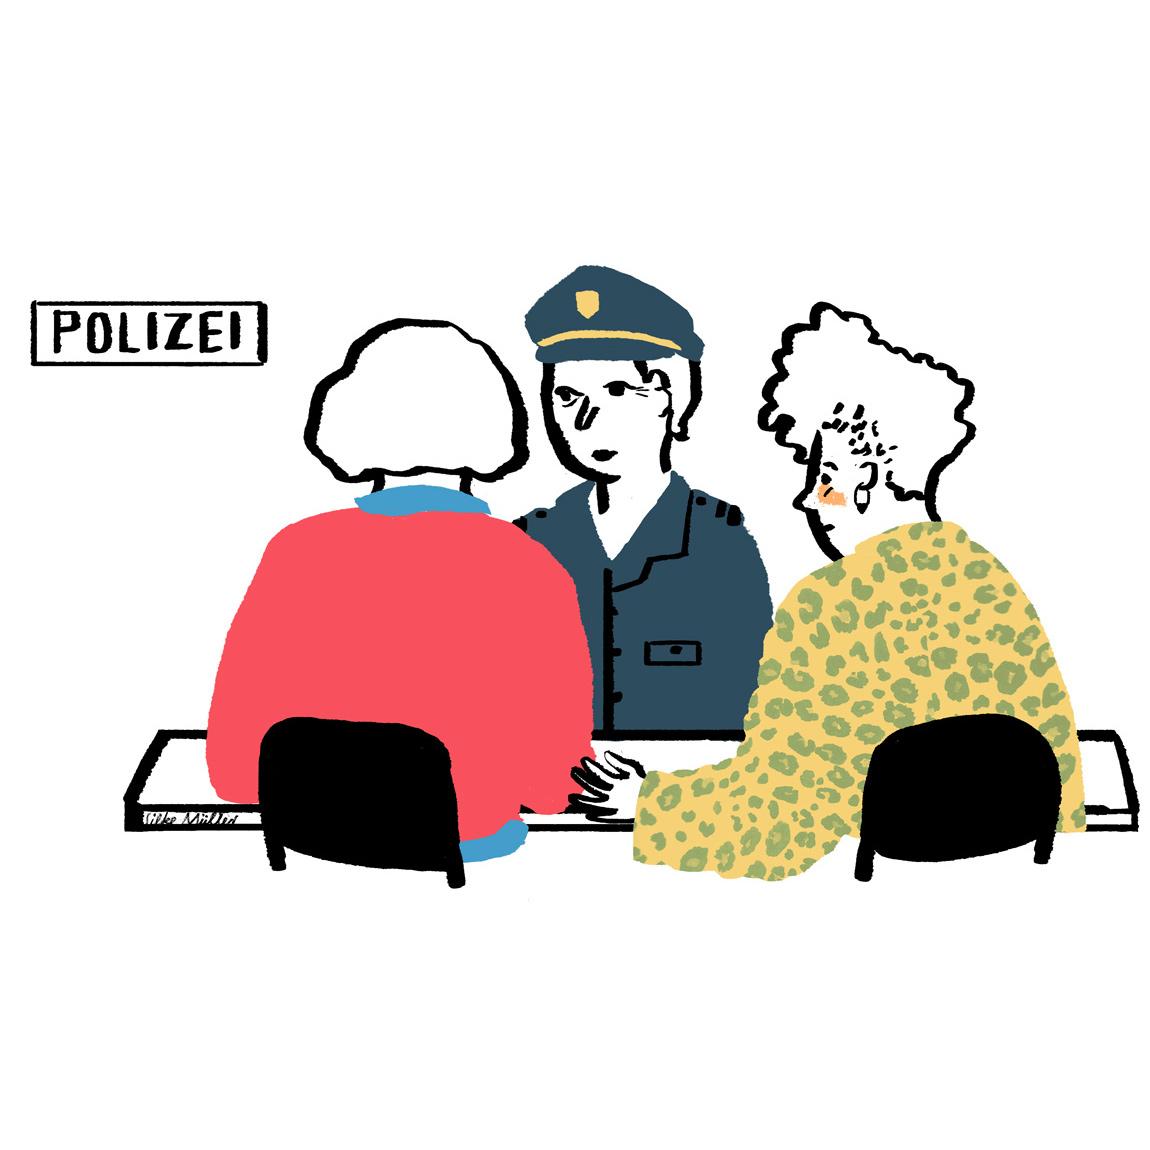 Maria und ihre Betreuerin sprechen mit einer Polizistin über den sexuellen Übergriff.